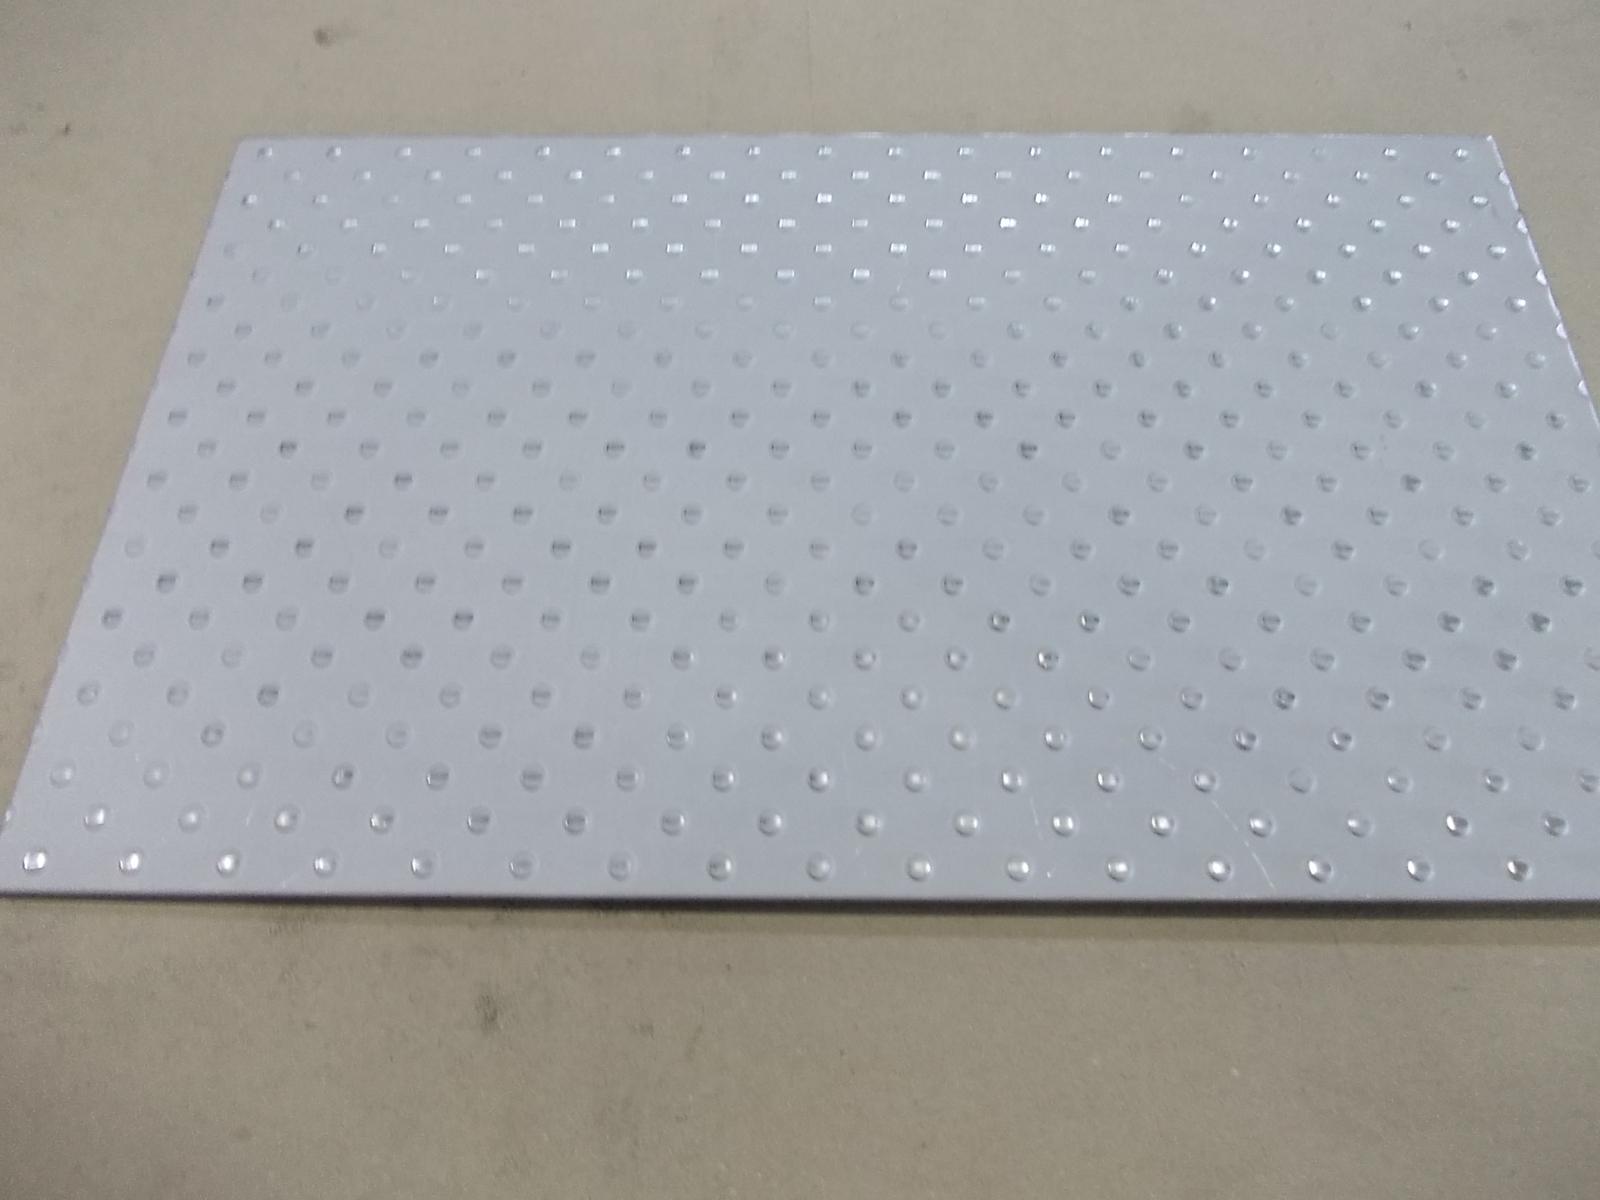 高い素材 ポルカプレート ステンレスの床板用材料 ステンレス SUS 3.5mmx100mmx100mm 304 板厚 売れ筋